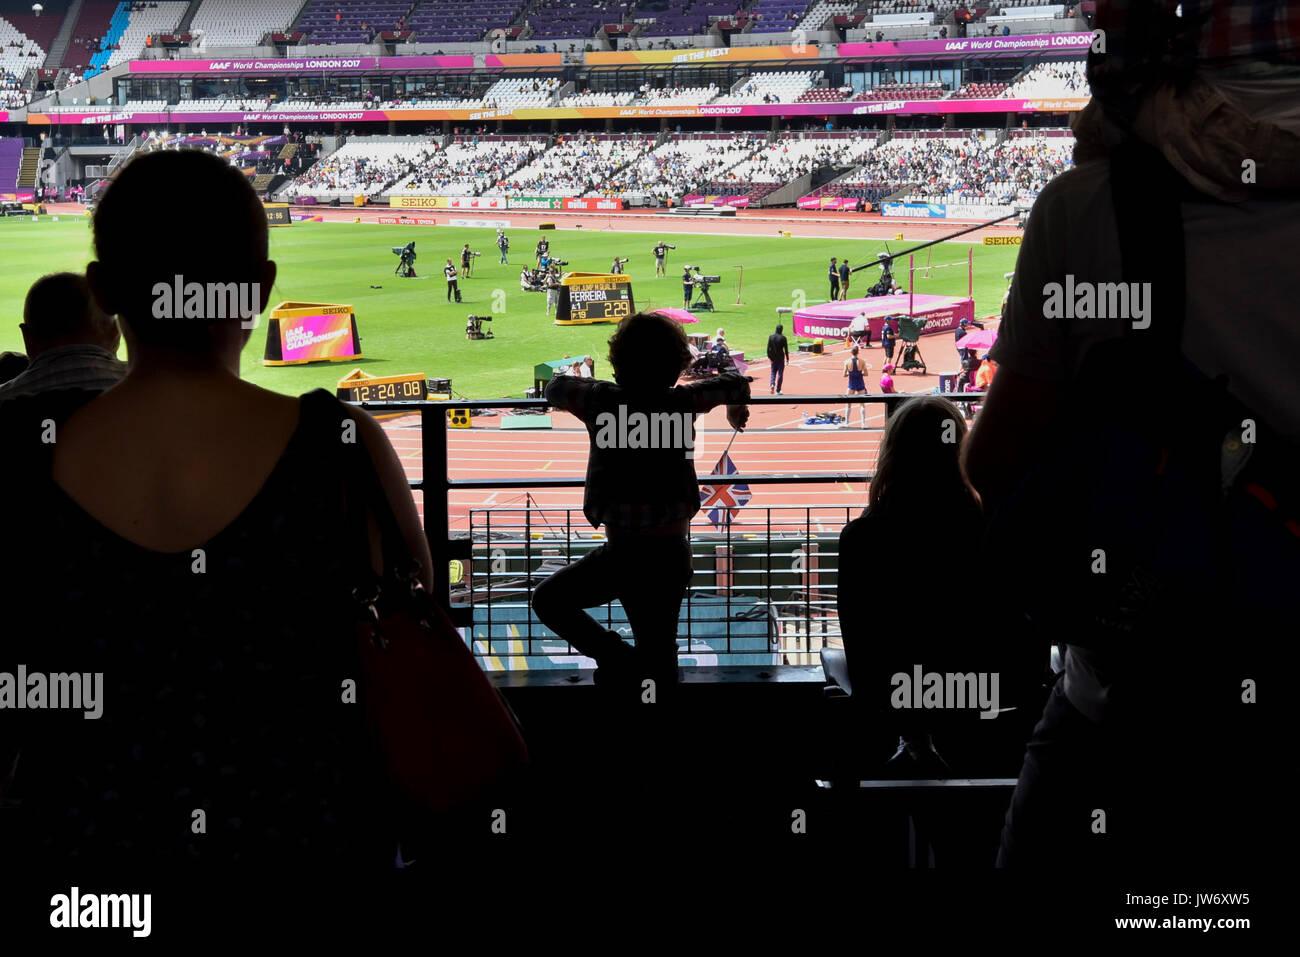 Londres, Reino Unido. El 11 de agosto de 2017. Una joven fan se ve en silueta observando el salto de alta calificación Foto de stock